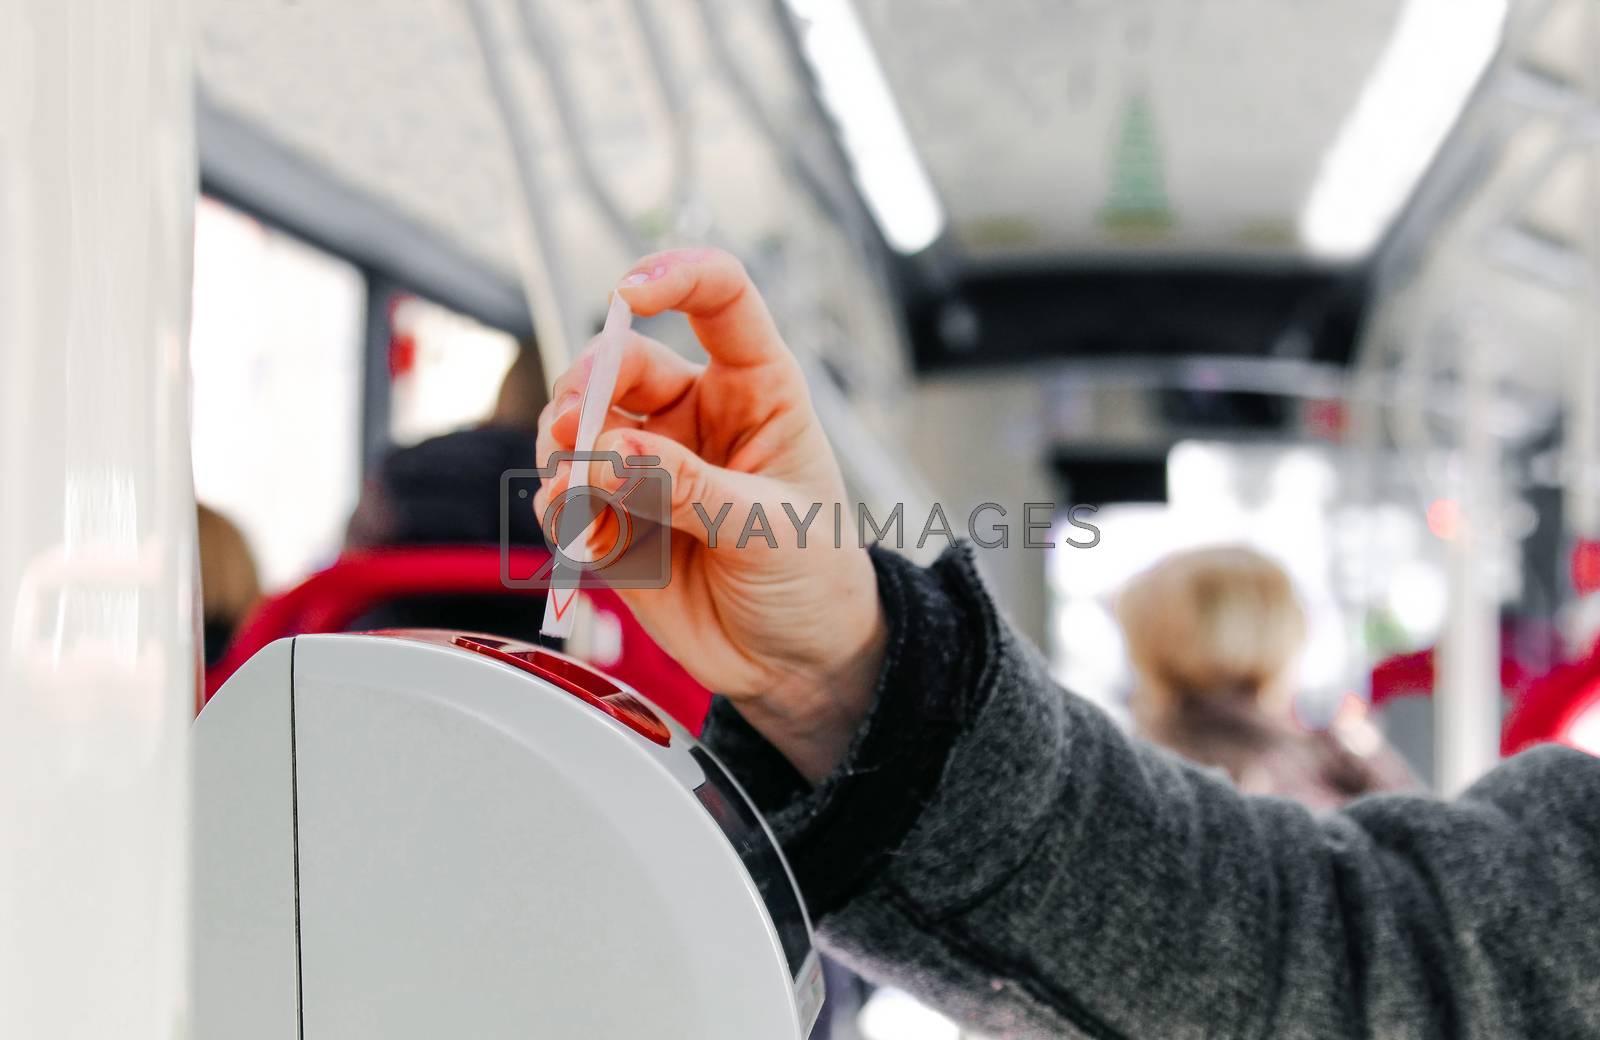 bus ticket insert in validator hand background